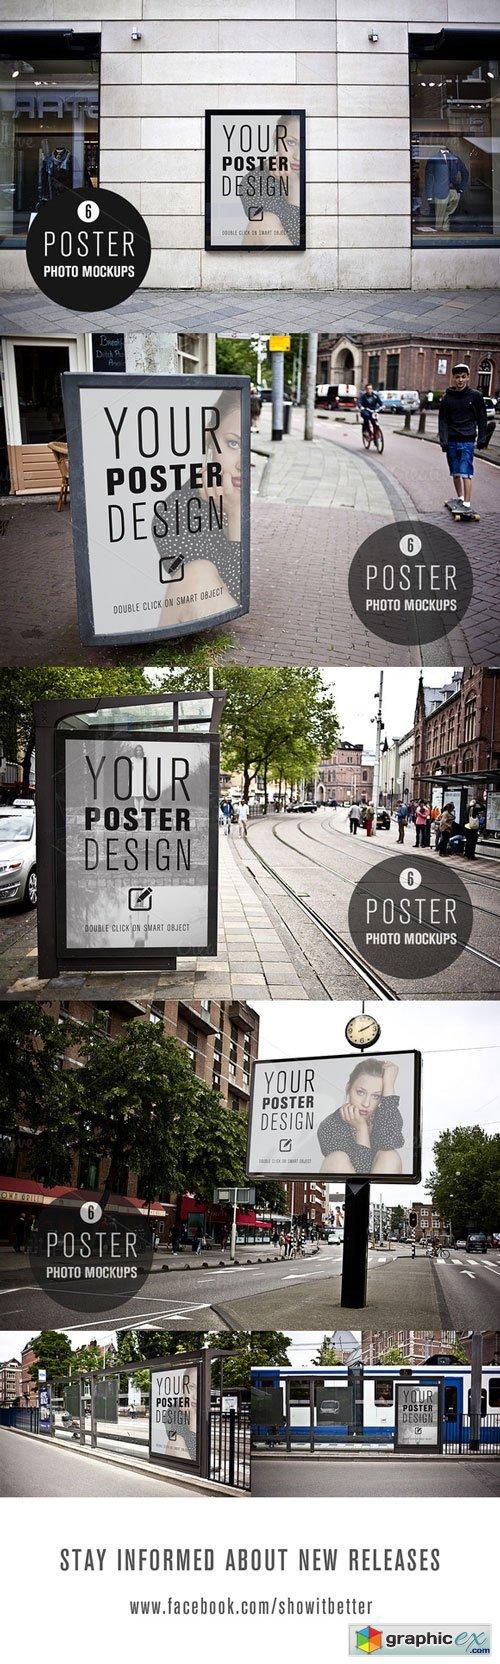 6 poster design photo mockups 57079 - 6 Poster Design Photo Mockups